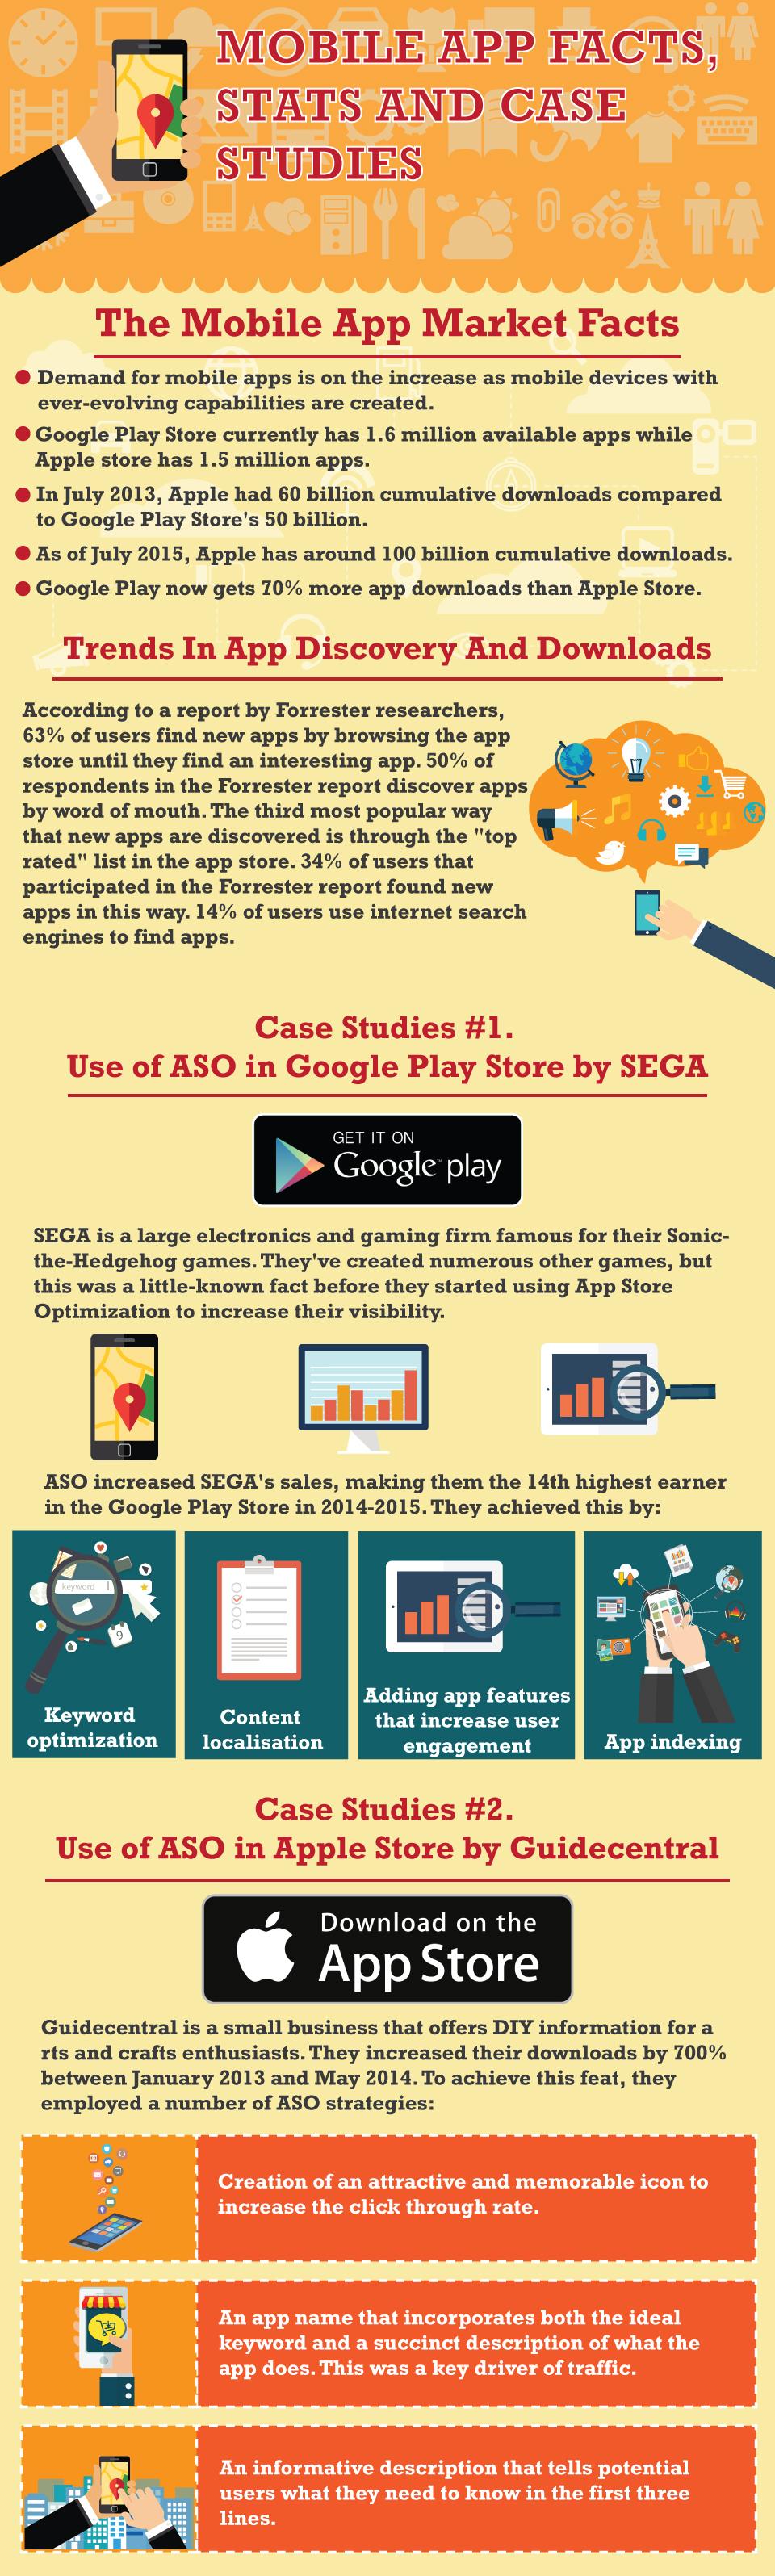 Mobile-App-Facts-Case-Studies